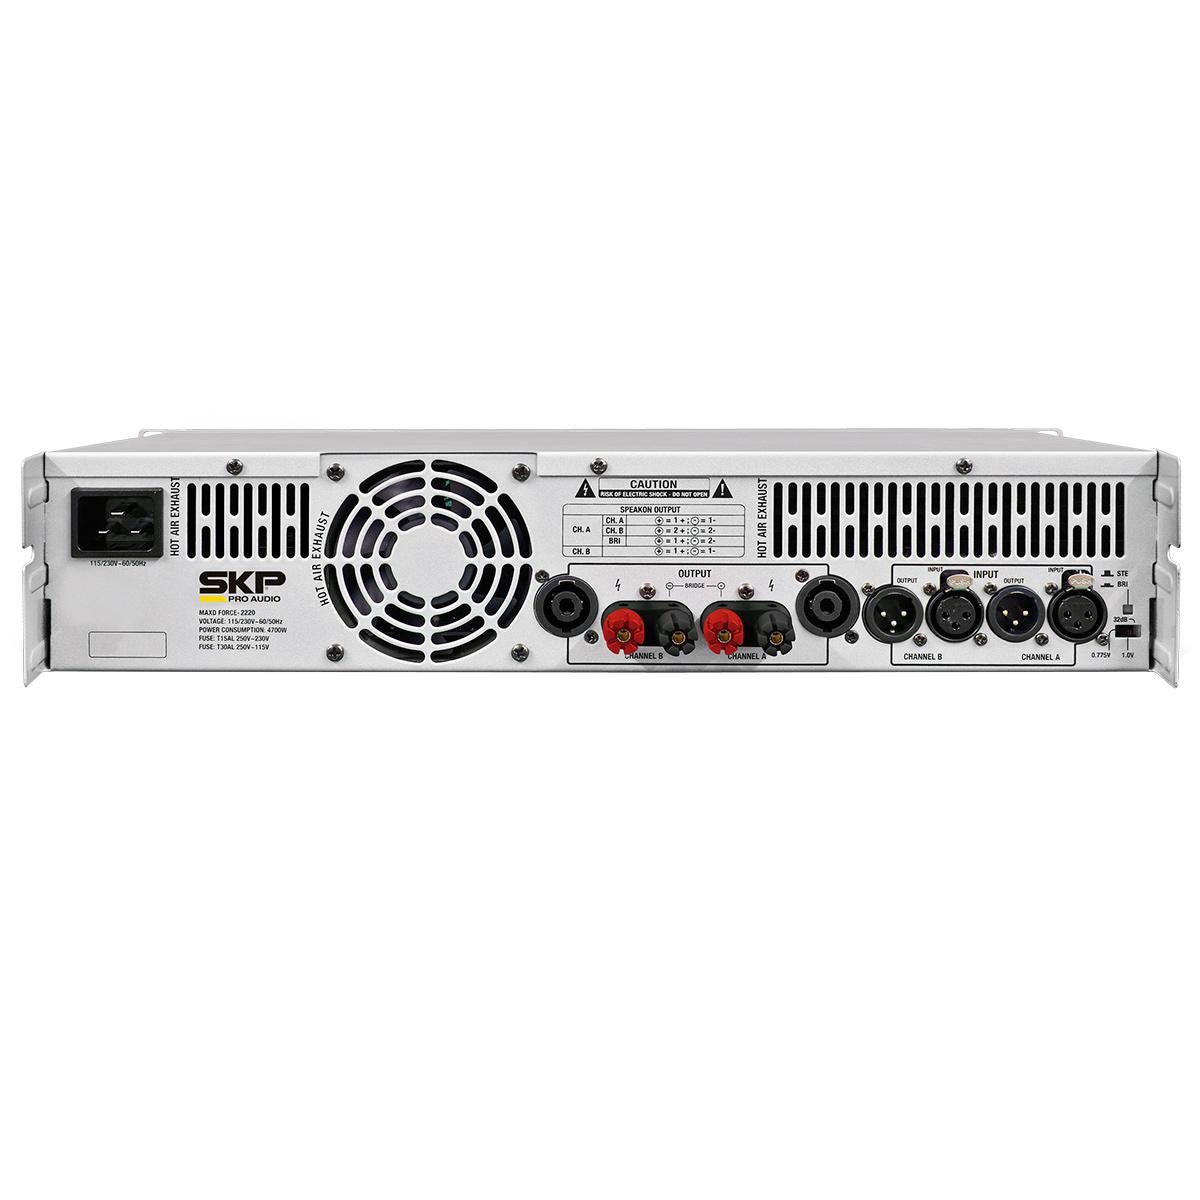 MAXDF2220 - Amplificador Estéreo 2 Canais 2200W MAXD Force 2220 - SKP